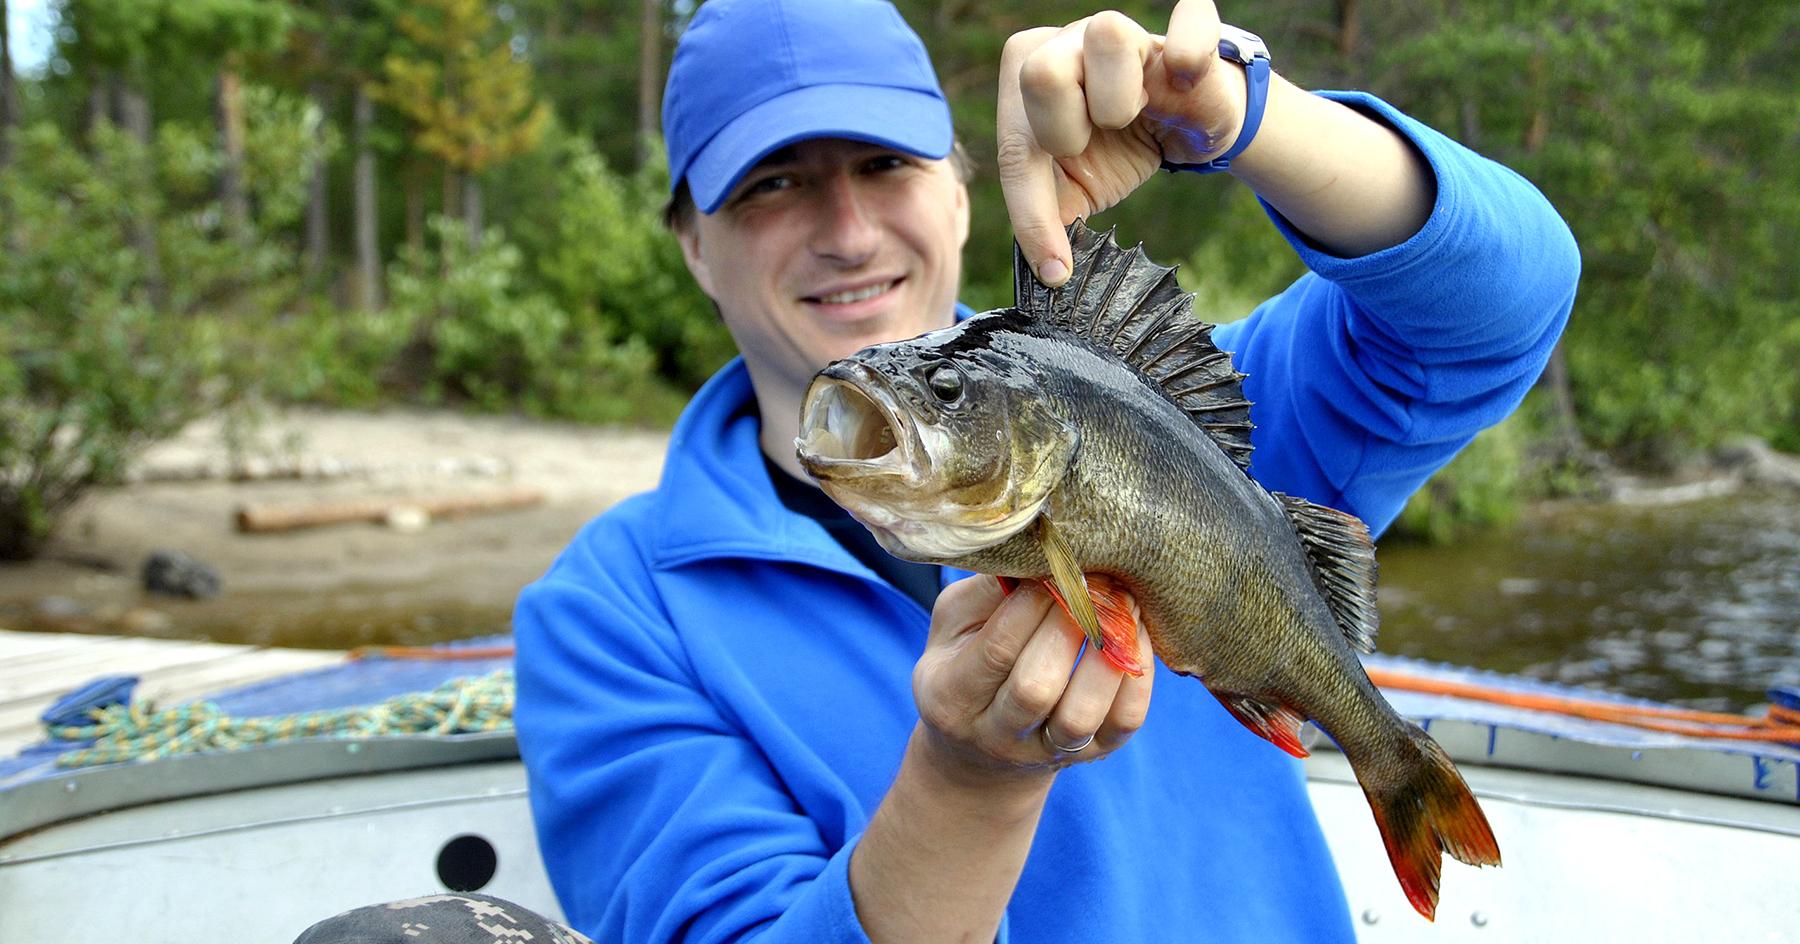 Рыбалка в Карелии - рекомендации по рыбалке в Карелии